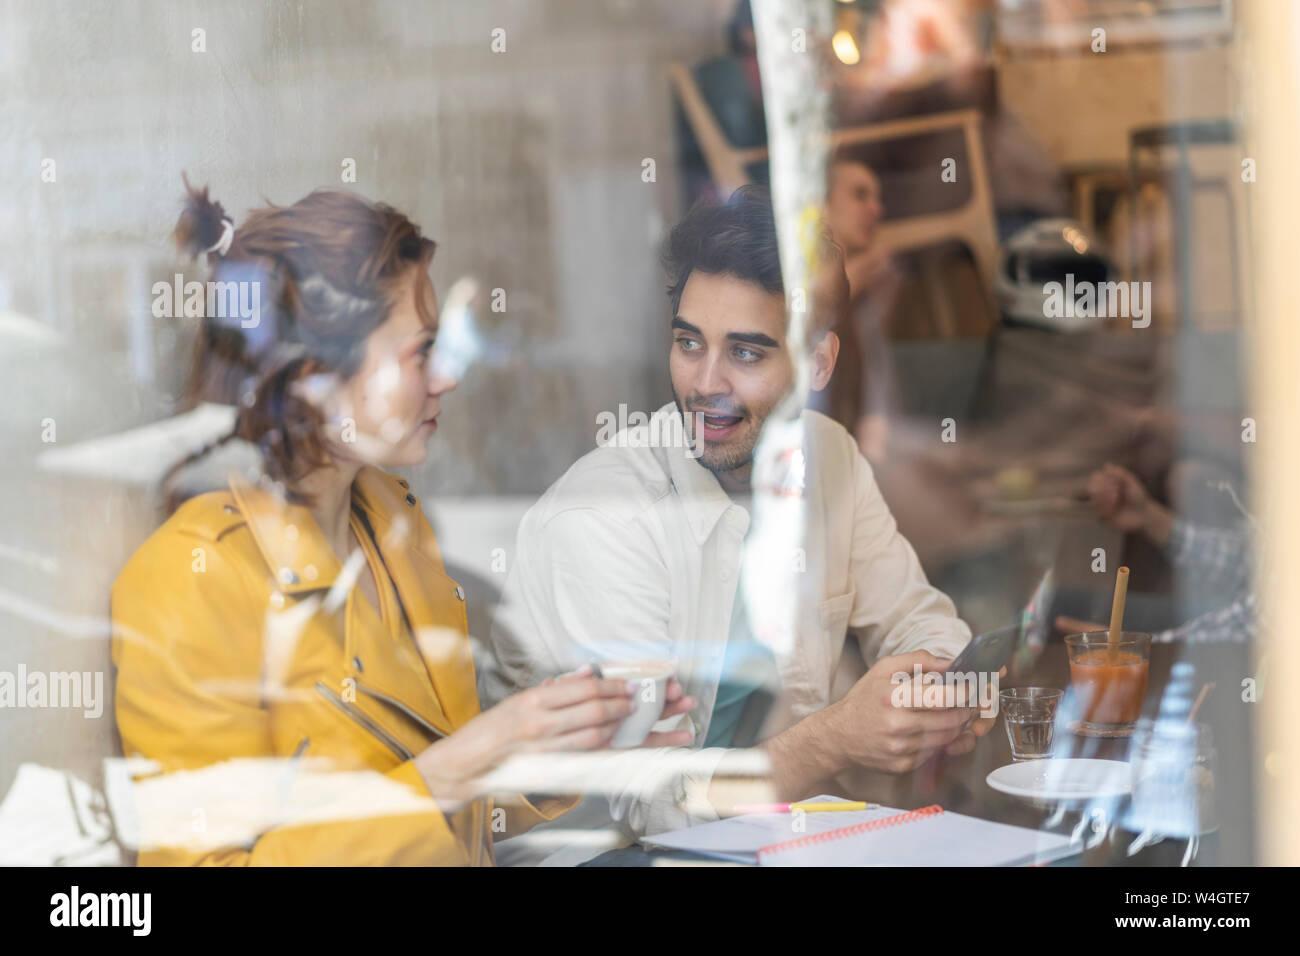 L'homme et la femme avec un téléphone mobile et ordinateur portable dans un café de la réunion Banque D'Images